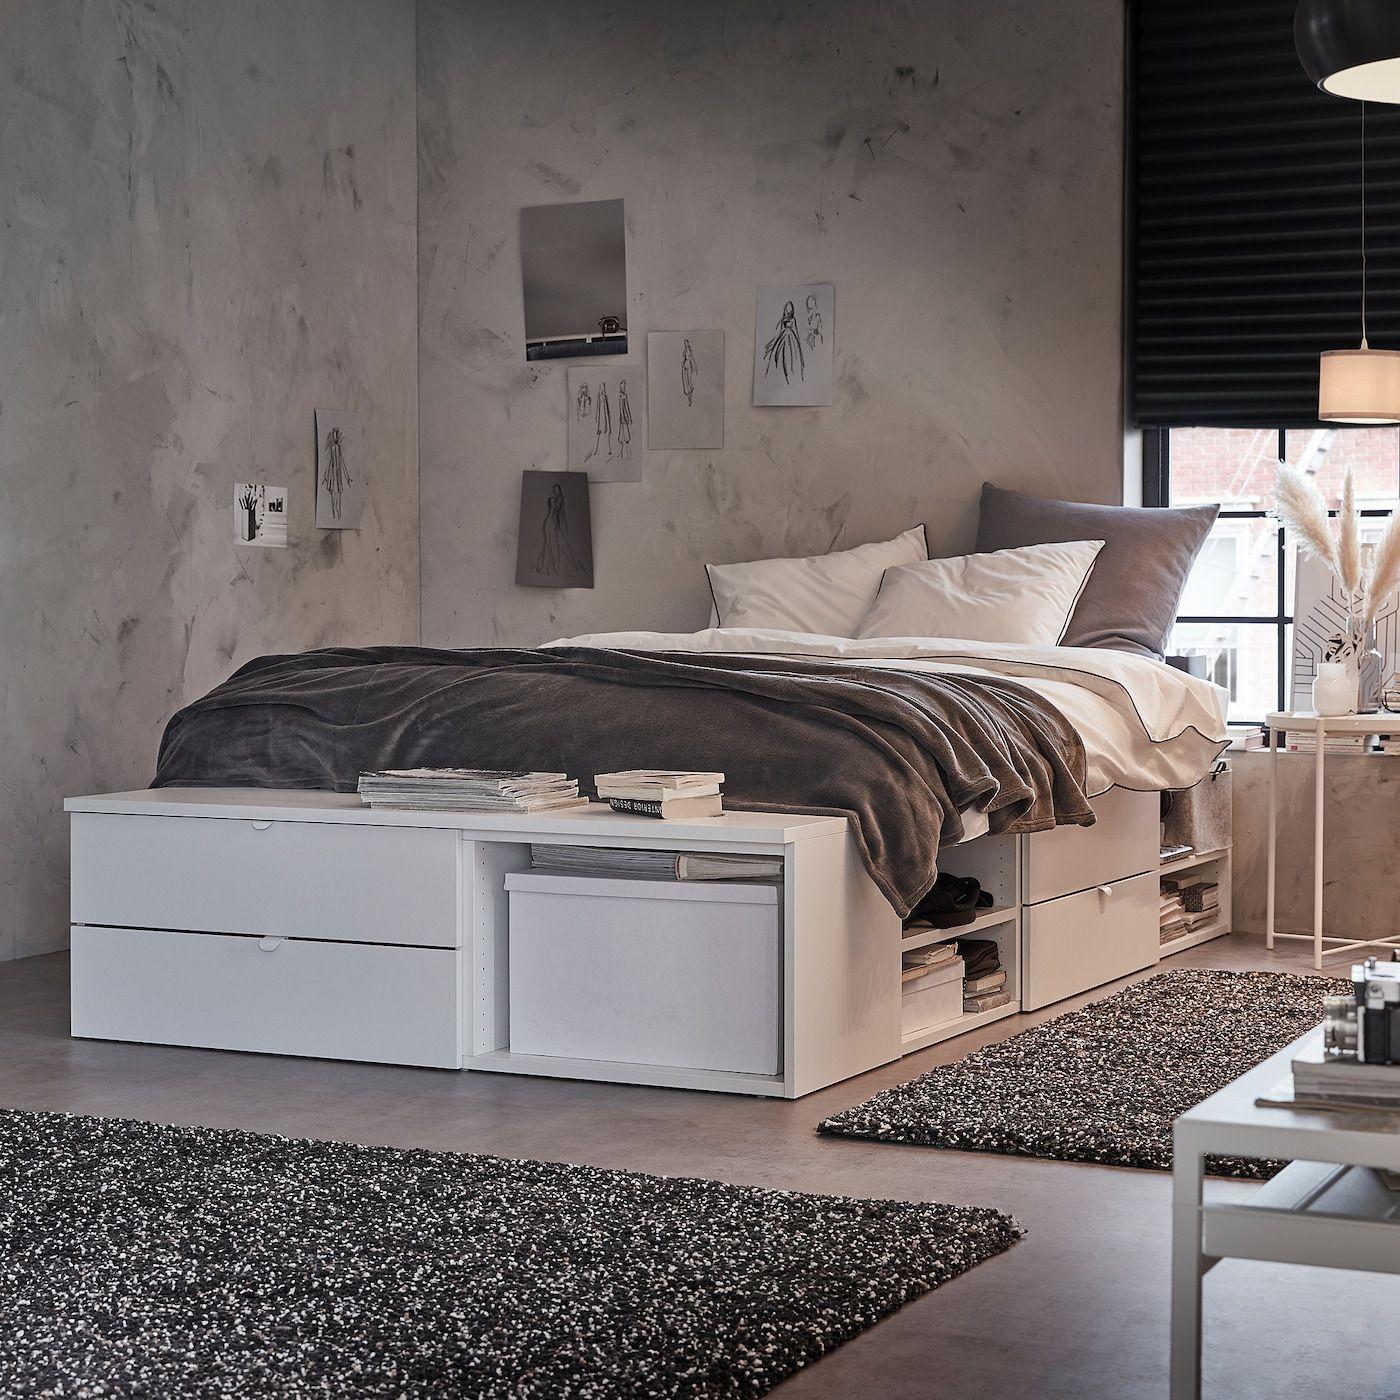 Platsa Bettgestell Mit 4 Schubladen Weiss Fonnes Ikea